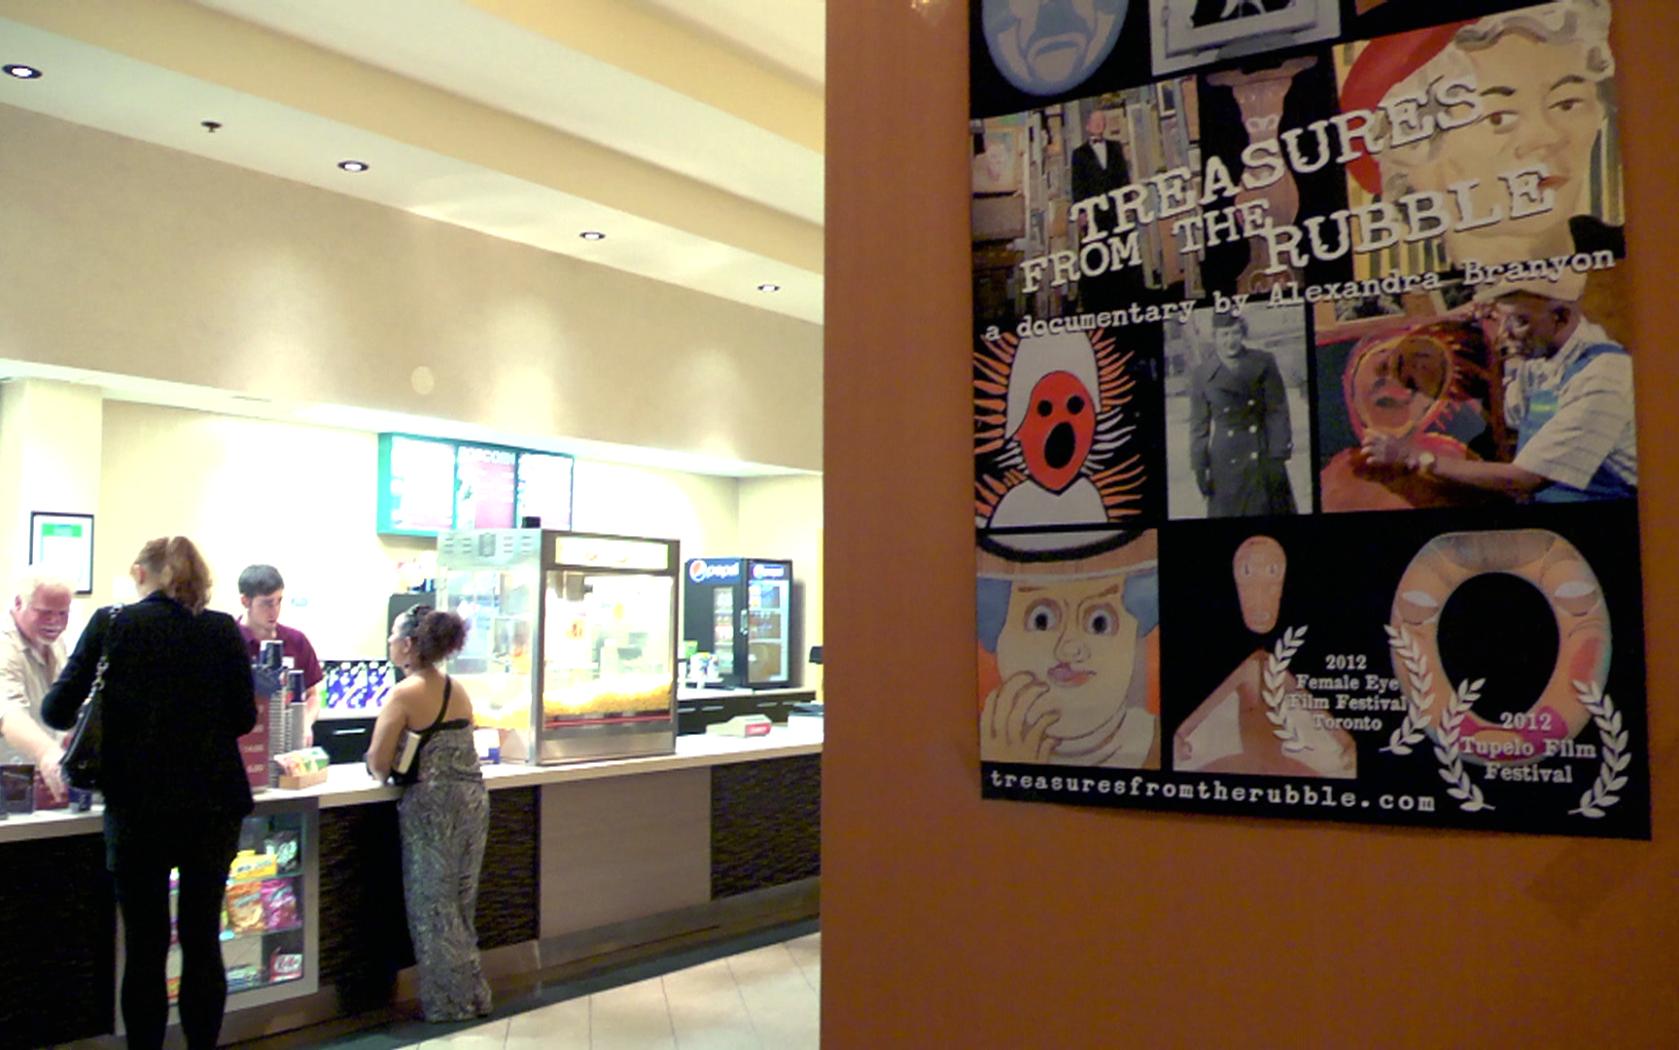 Lobby of Carleton Cinema